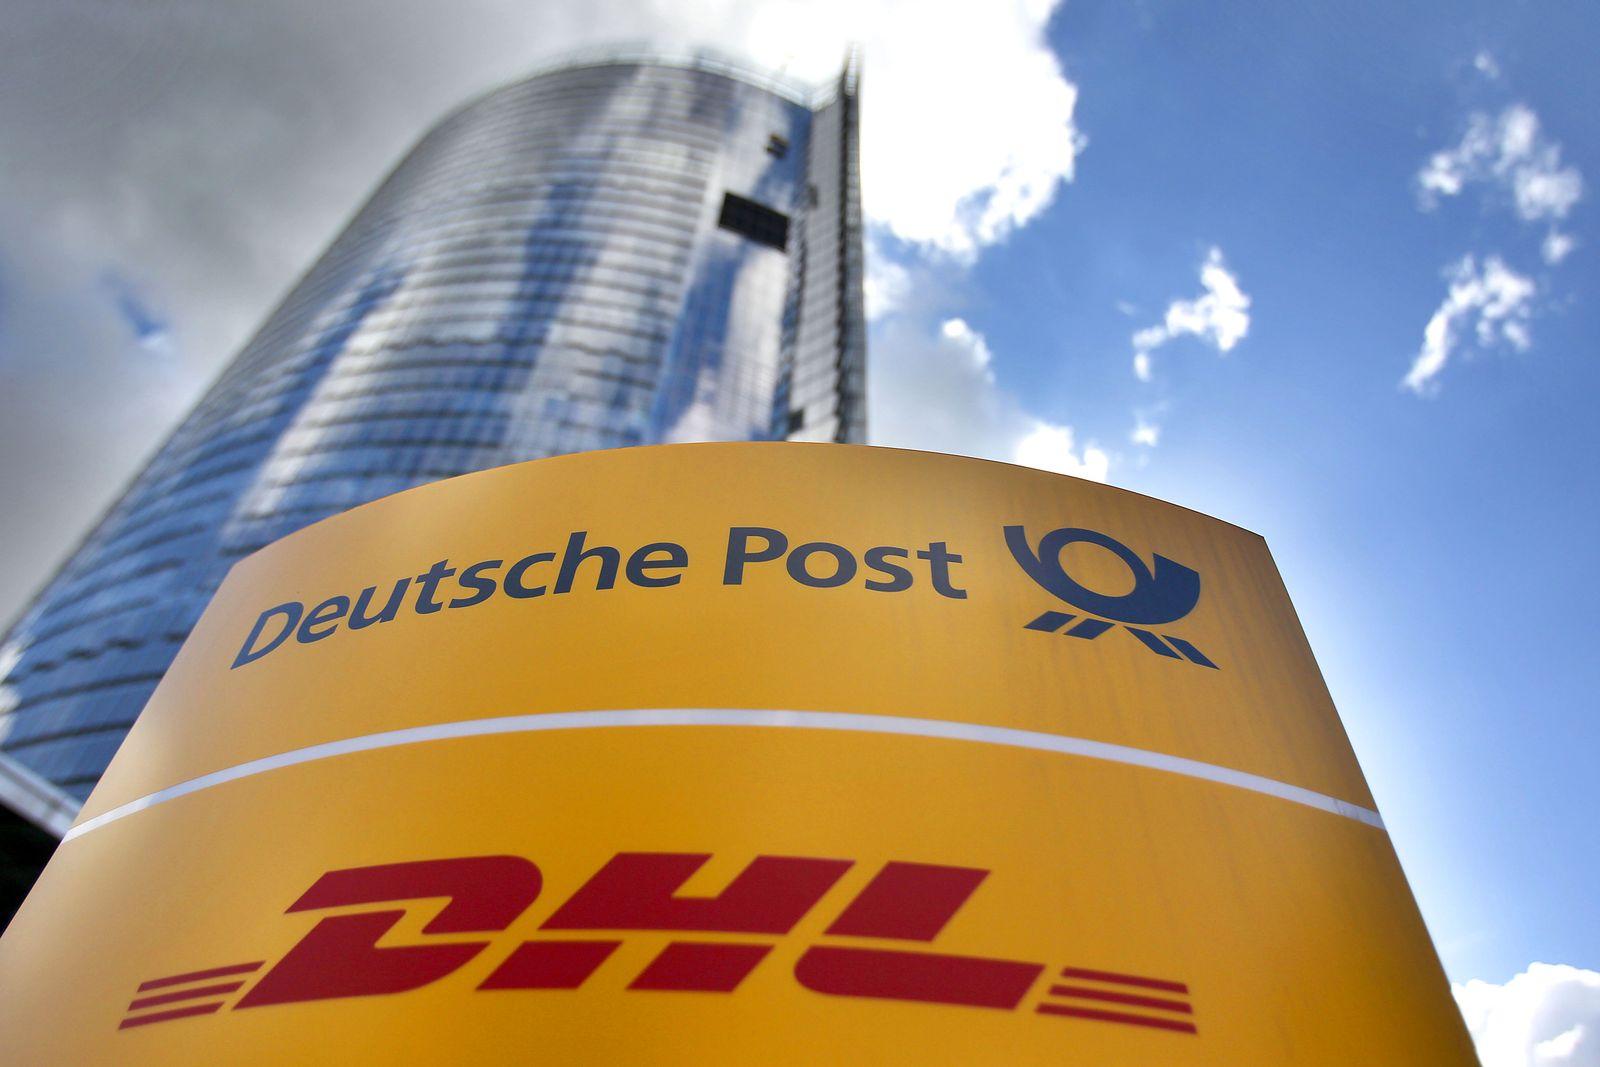 Deutsche Post Zentrale / Posthorn